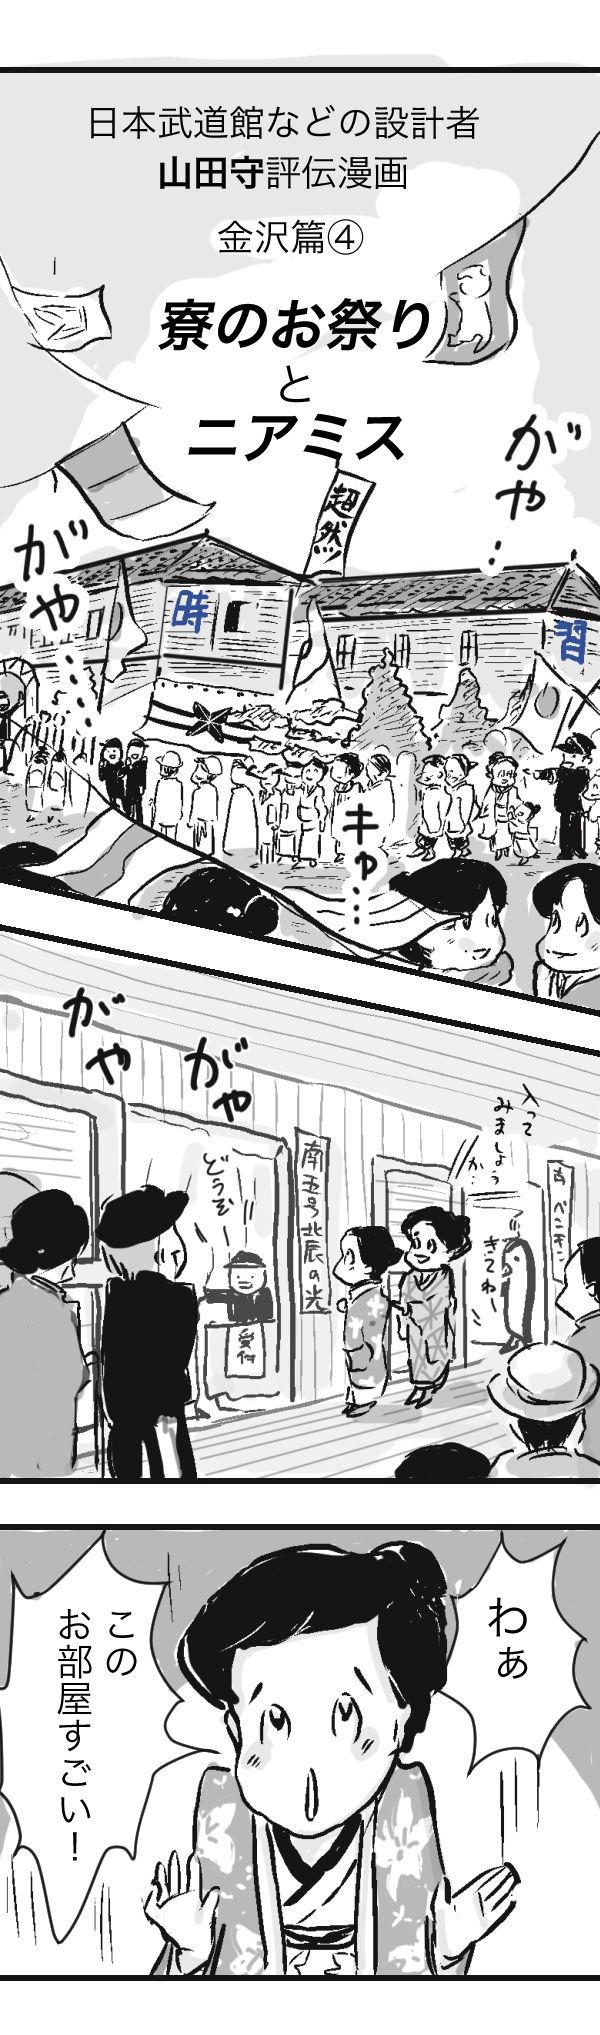 山田 金沢 4−1−1